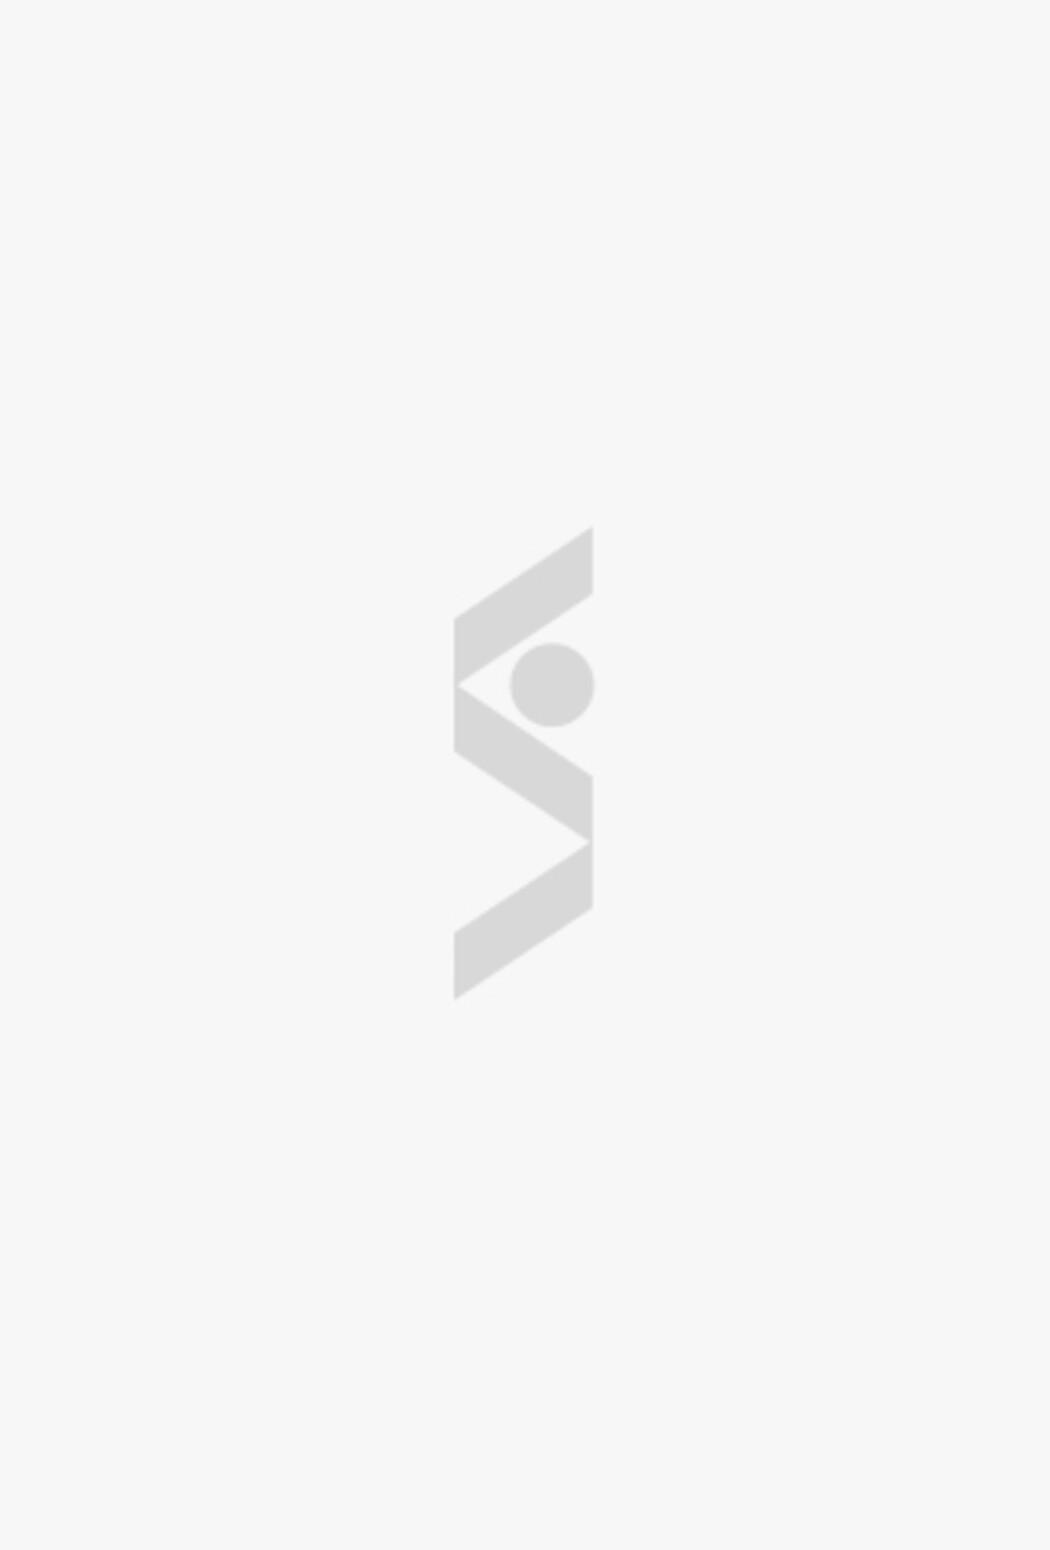 Голубой шарф с логотипом бренда Tommy Hilfiger - цена 2990 ₽ купить в интернет-магазине СТОКМАНН в Санкт-Петербурге